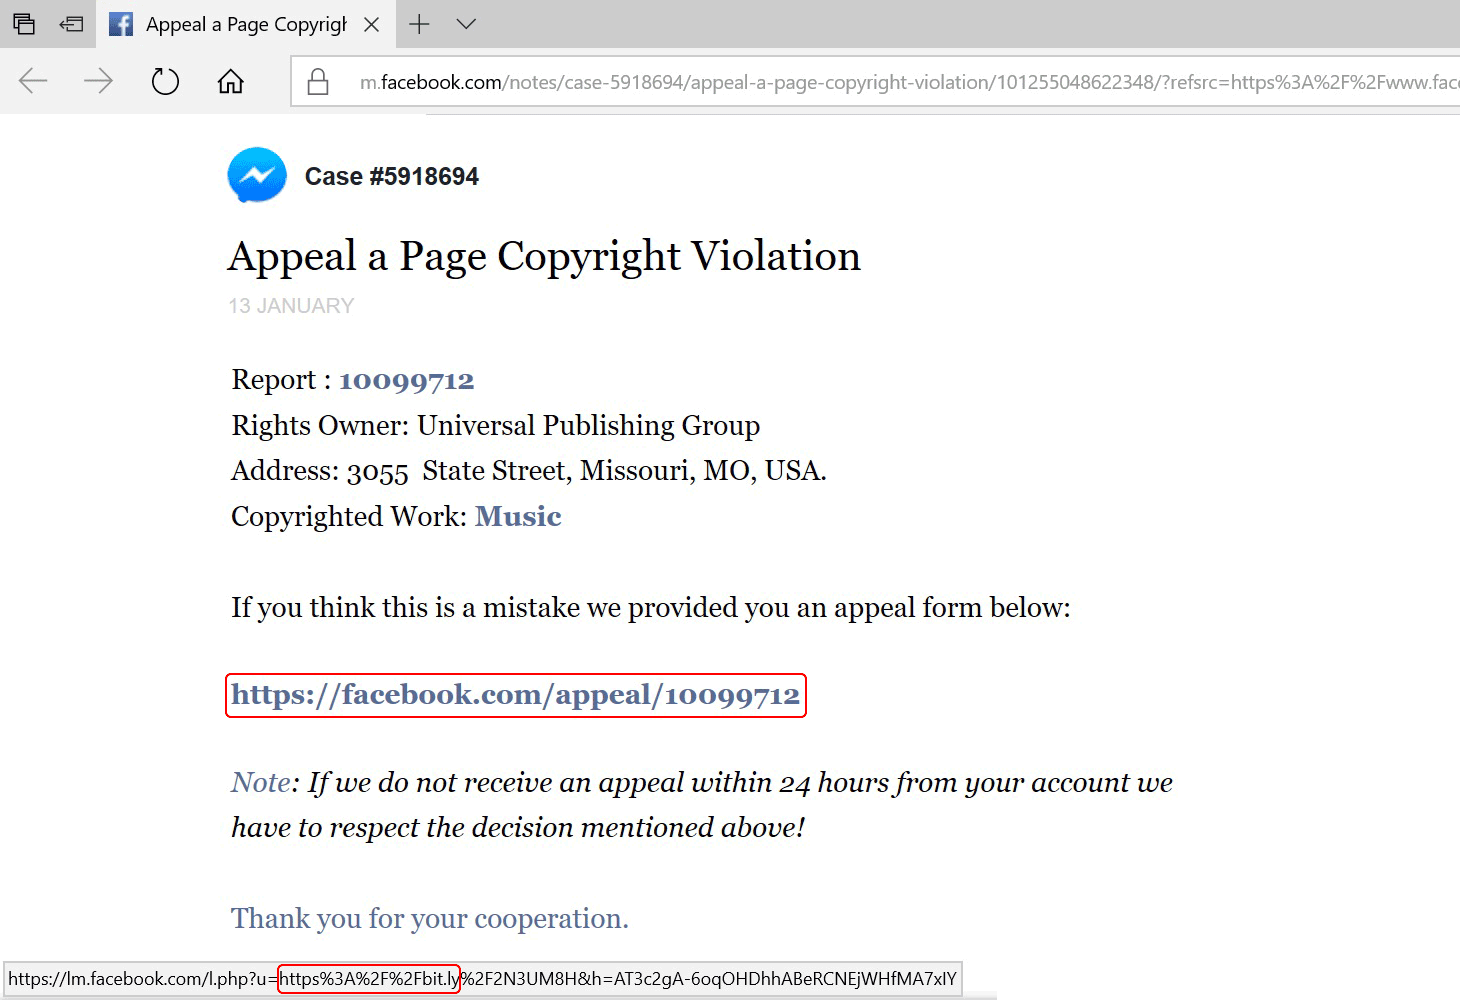 リンクをマウスオーバーしたところ。左下に見えるのが実際のリンクアドレス。一見すると内部リンクのようだが、実はBitlyを使った外部リンクであることが分かる